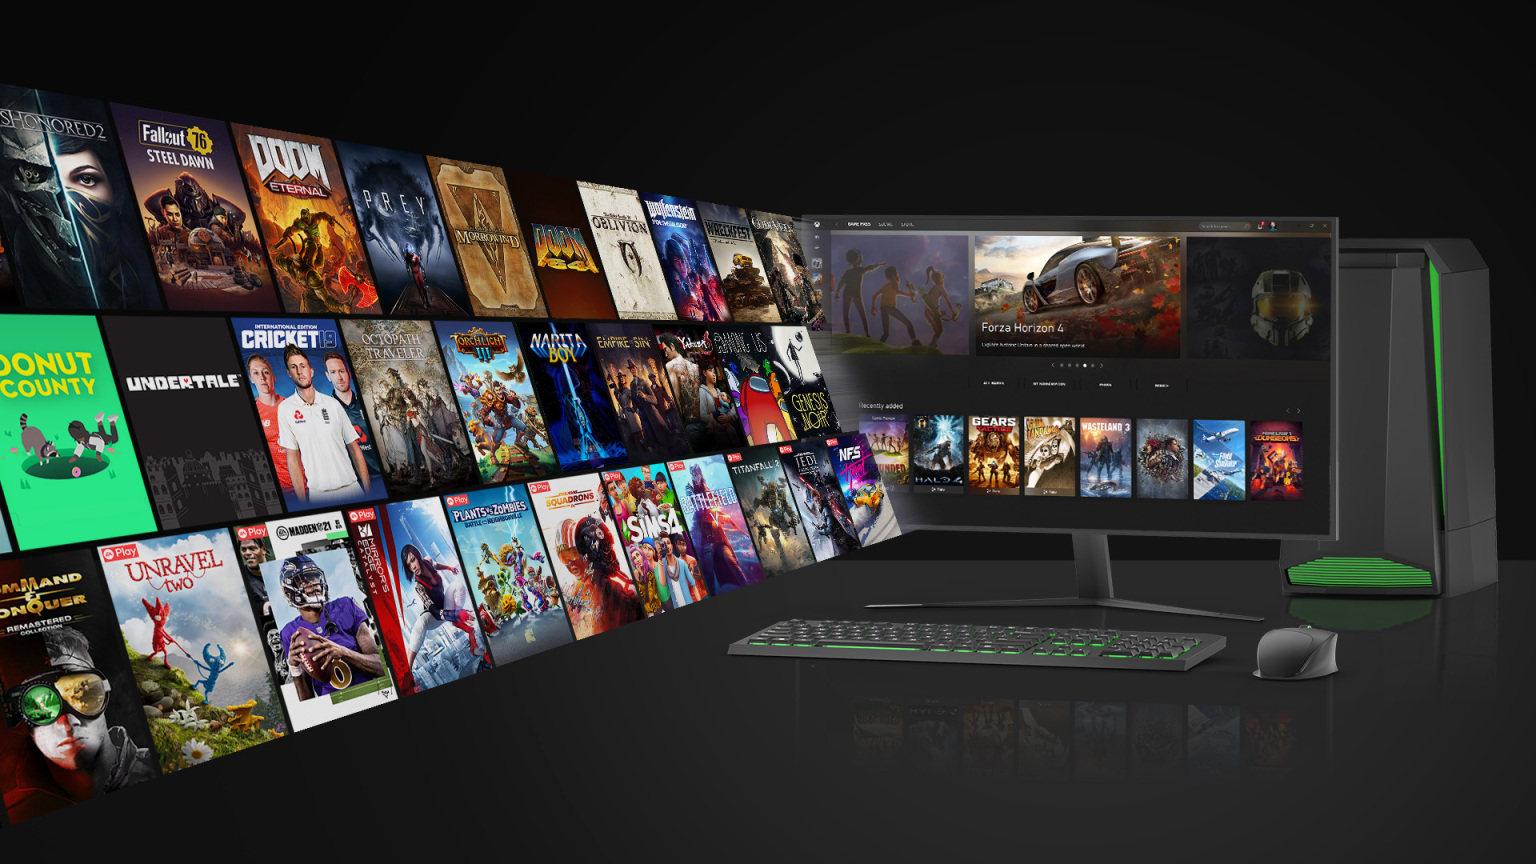 降维打击,微软宣布Microsoft Store PC游戏开发者抽成费用将降低至12%